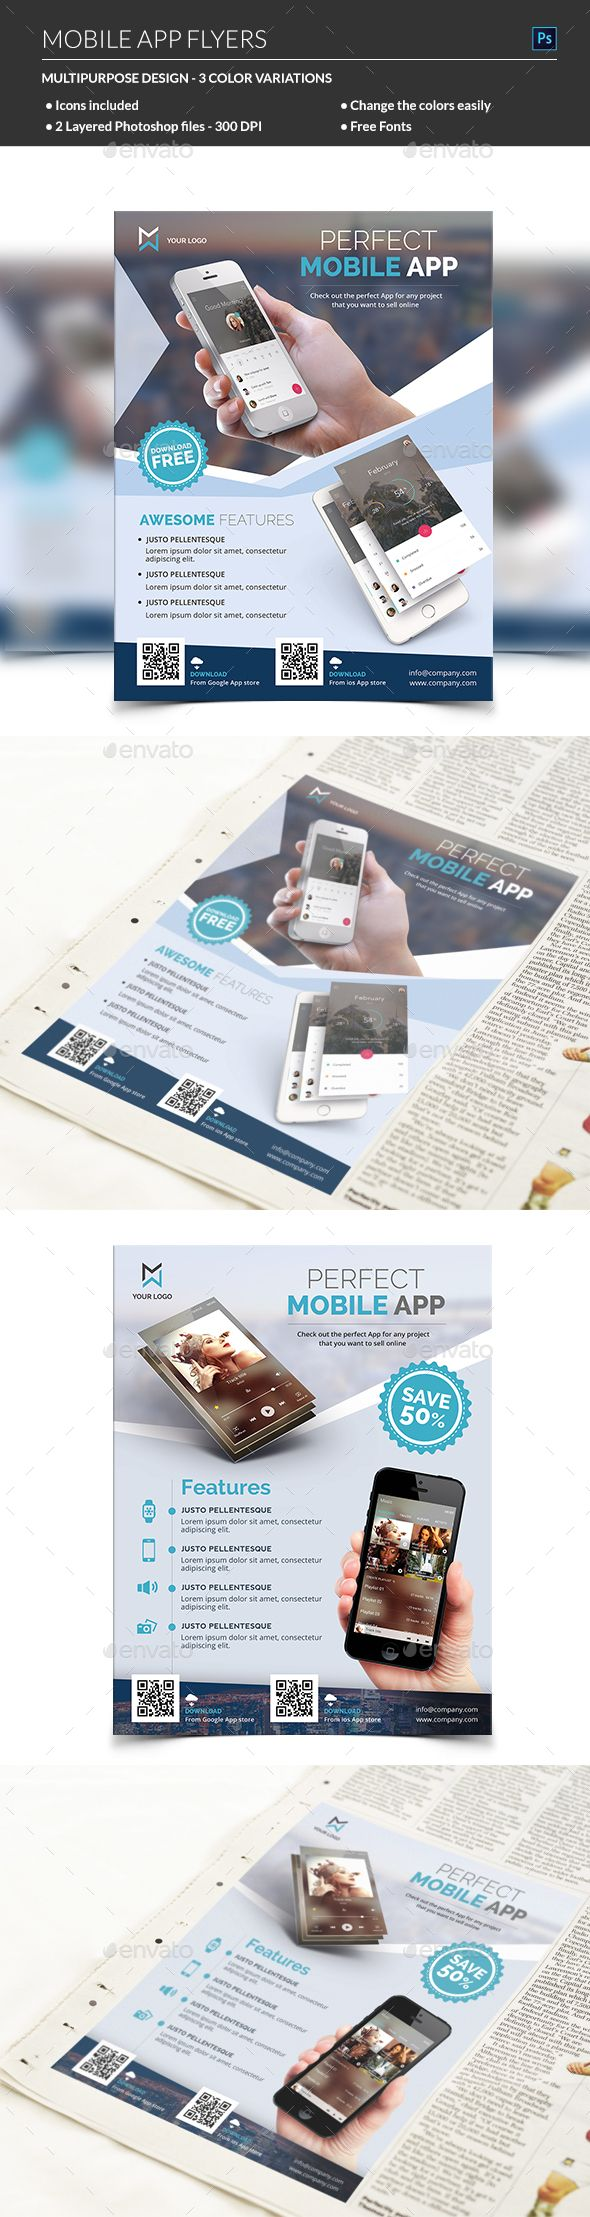 Mobile App Flyer Mobile Application Promotion Flyer